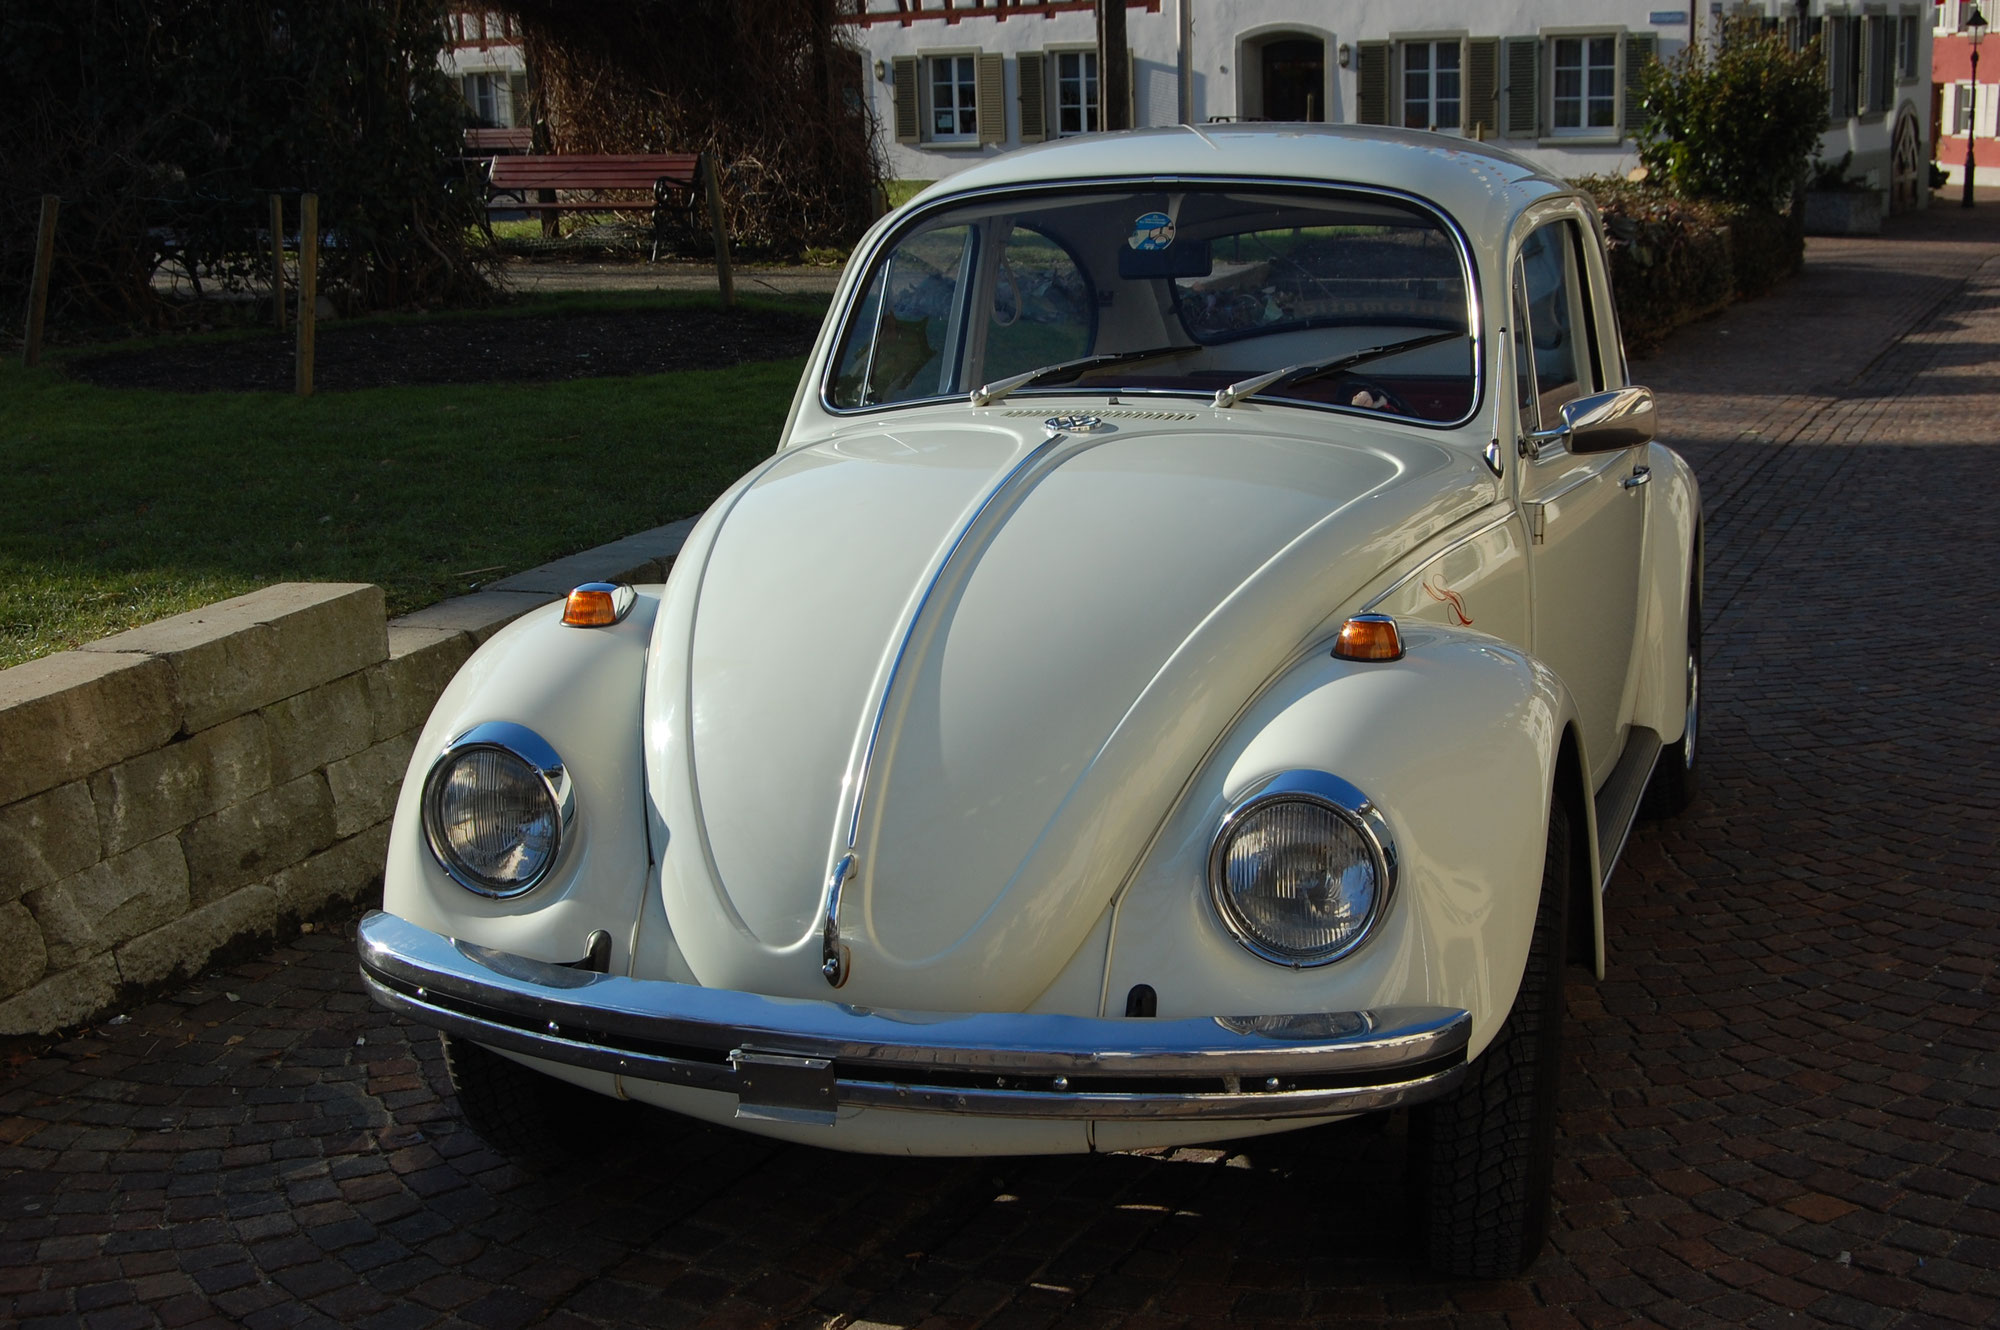 Oldtimer Vw Kafer Hochzeitsauto Partyservice Bodensee